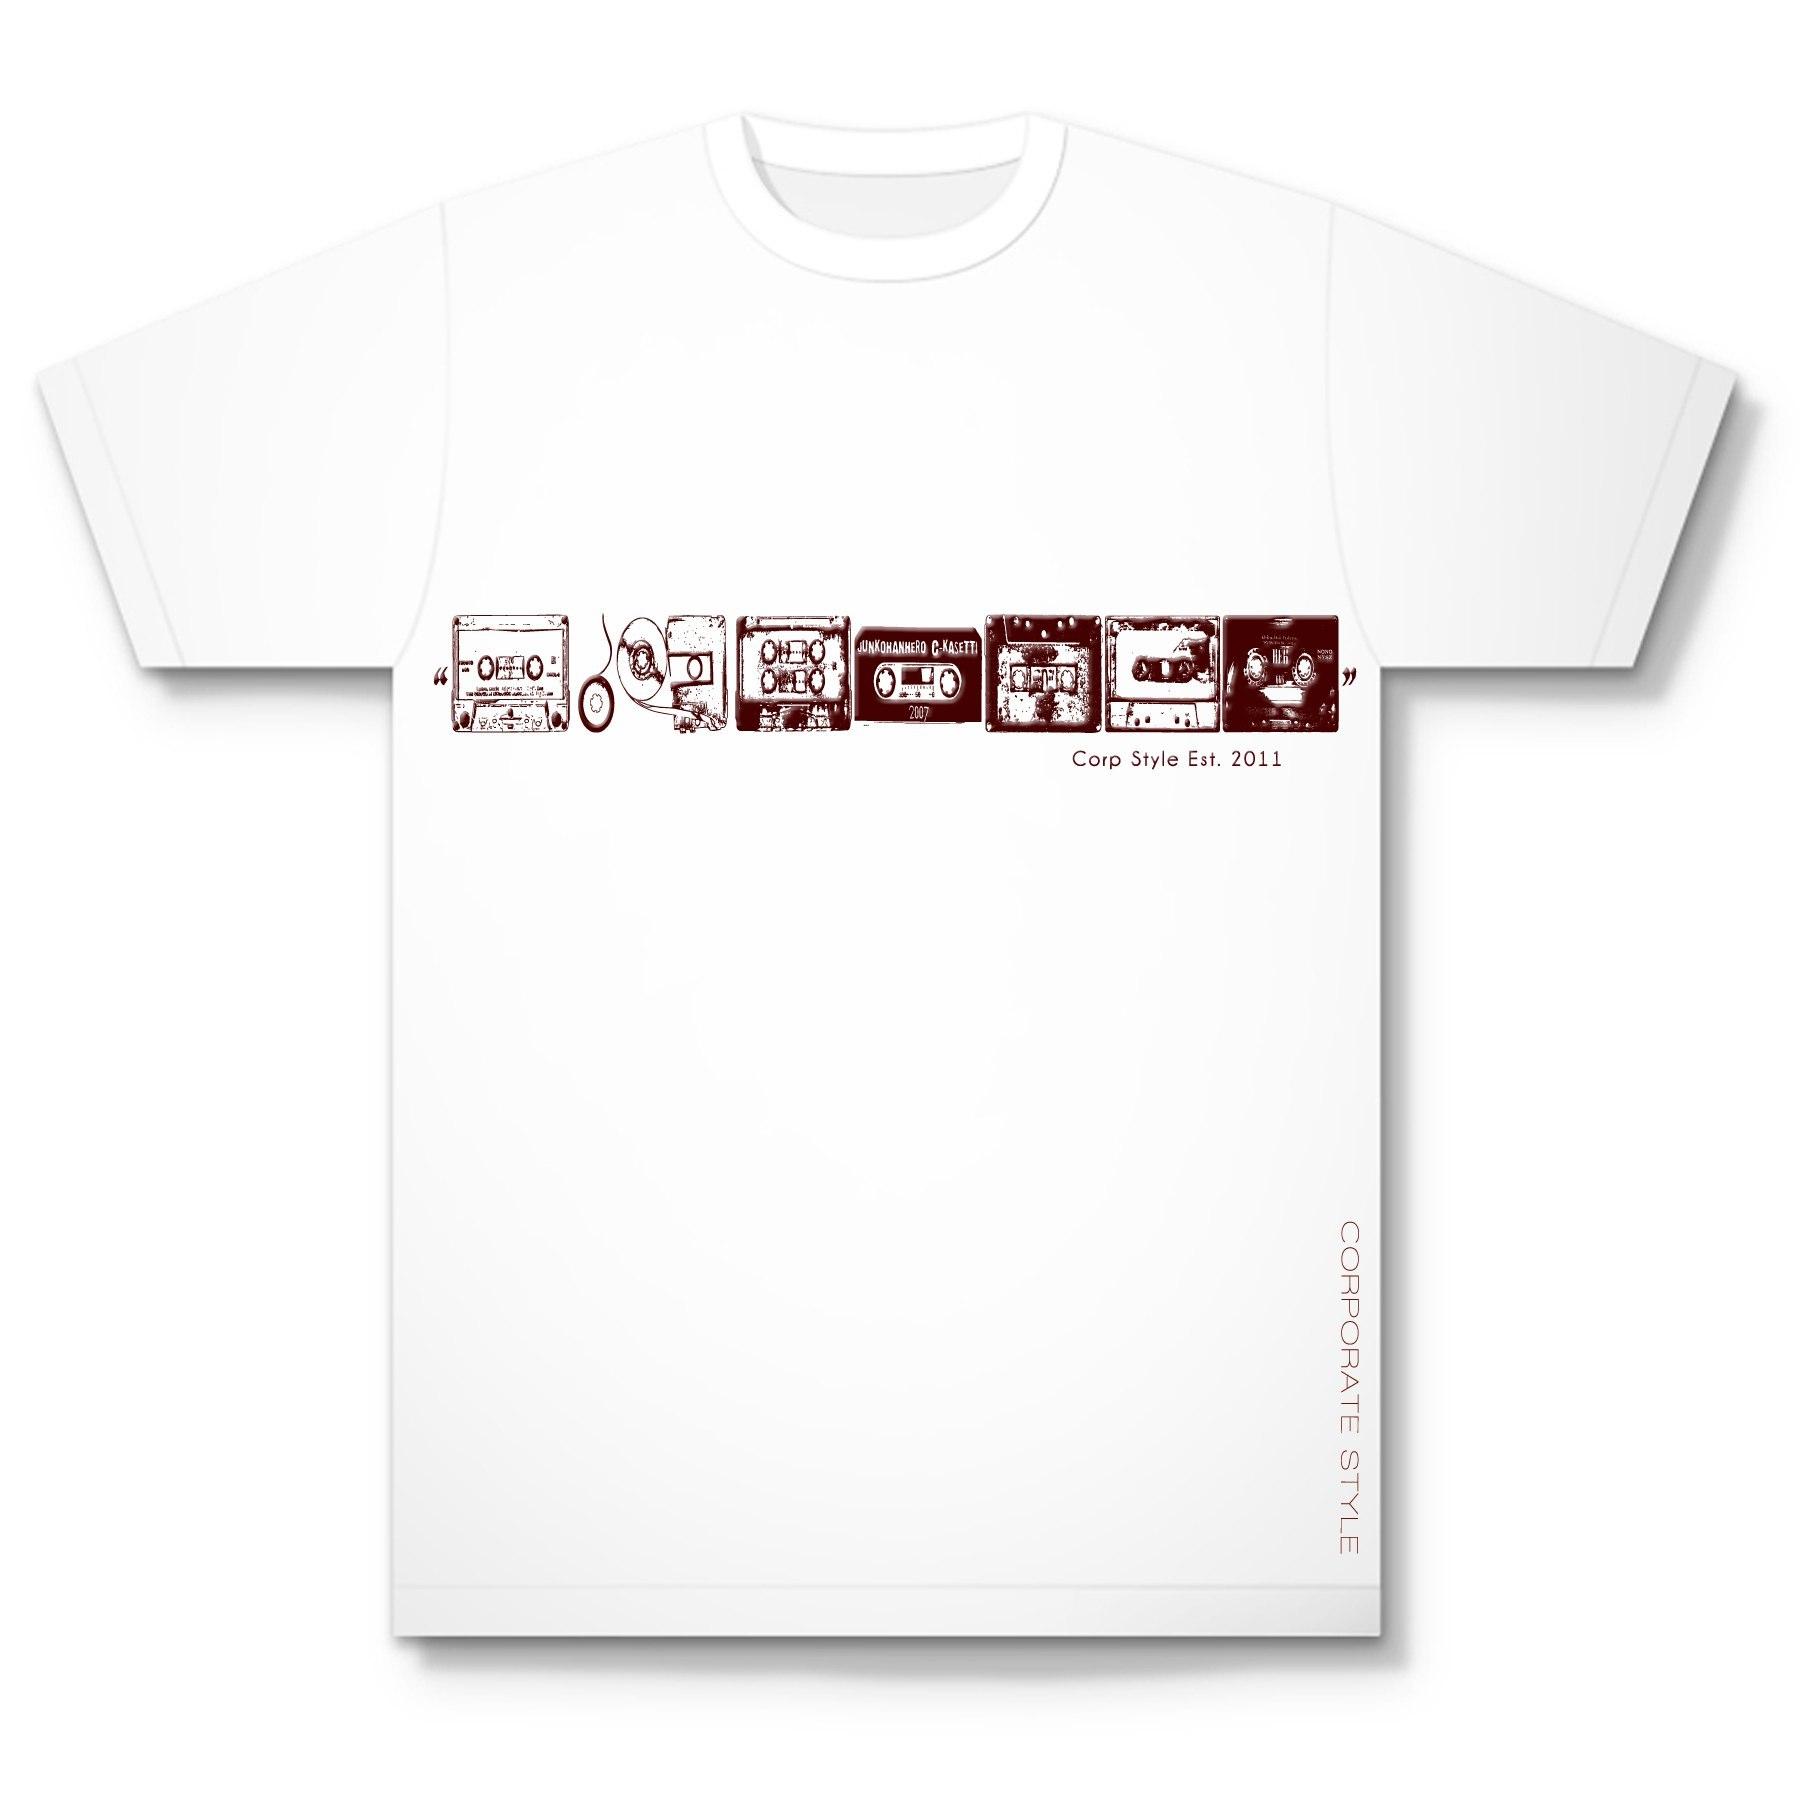 iamstyle tshirt 4.jpg